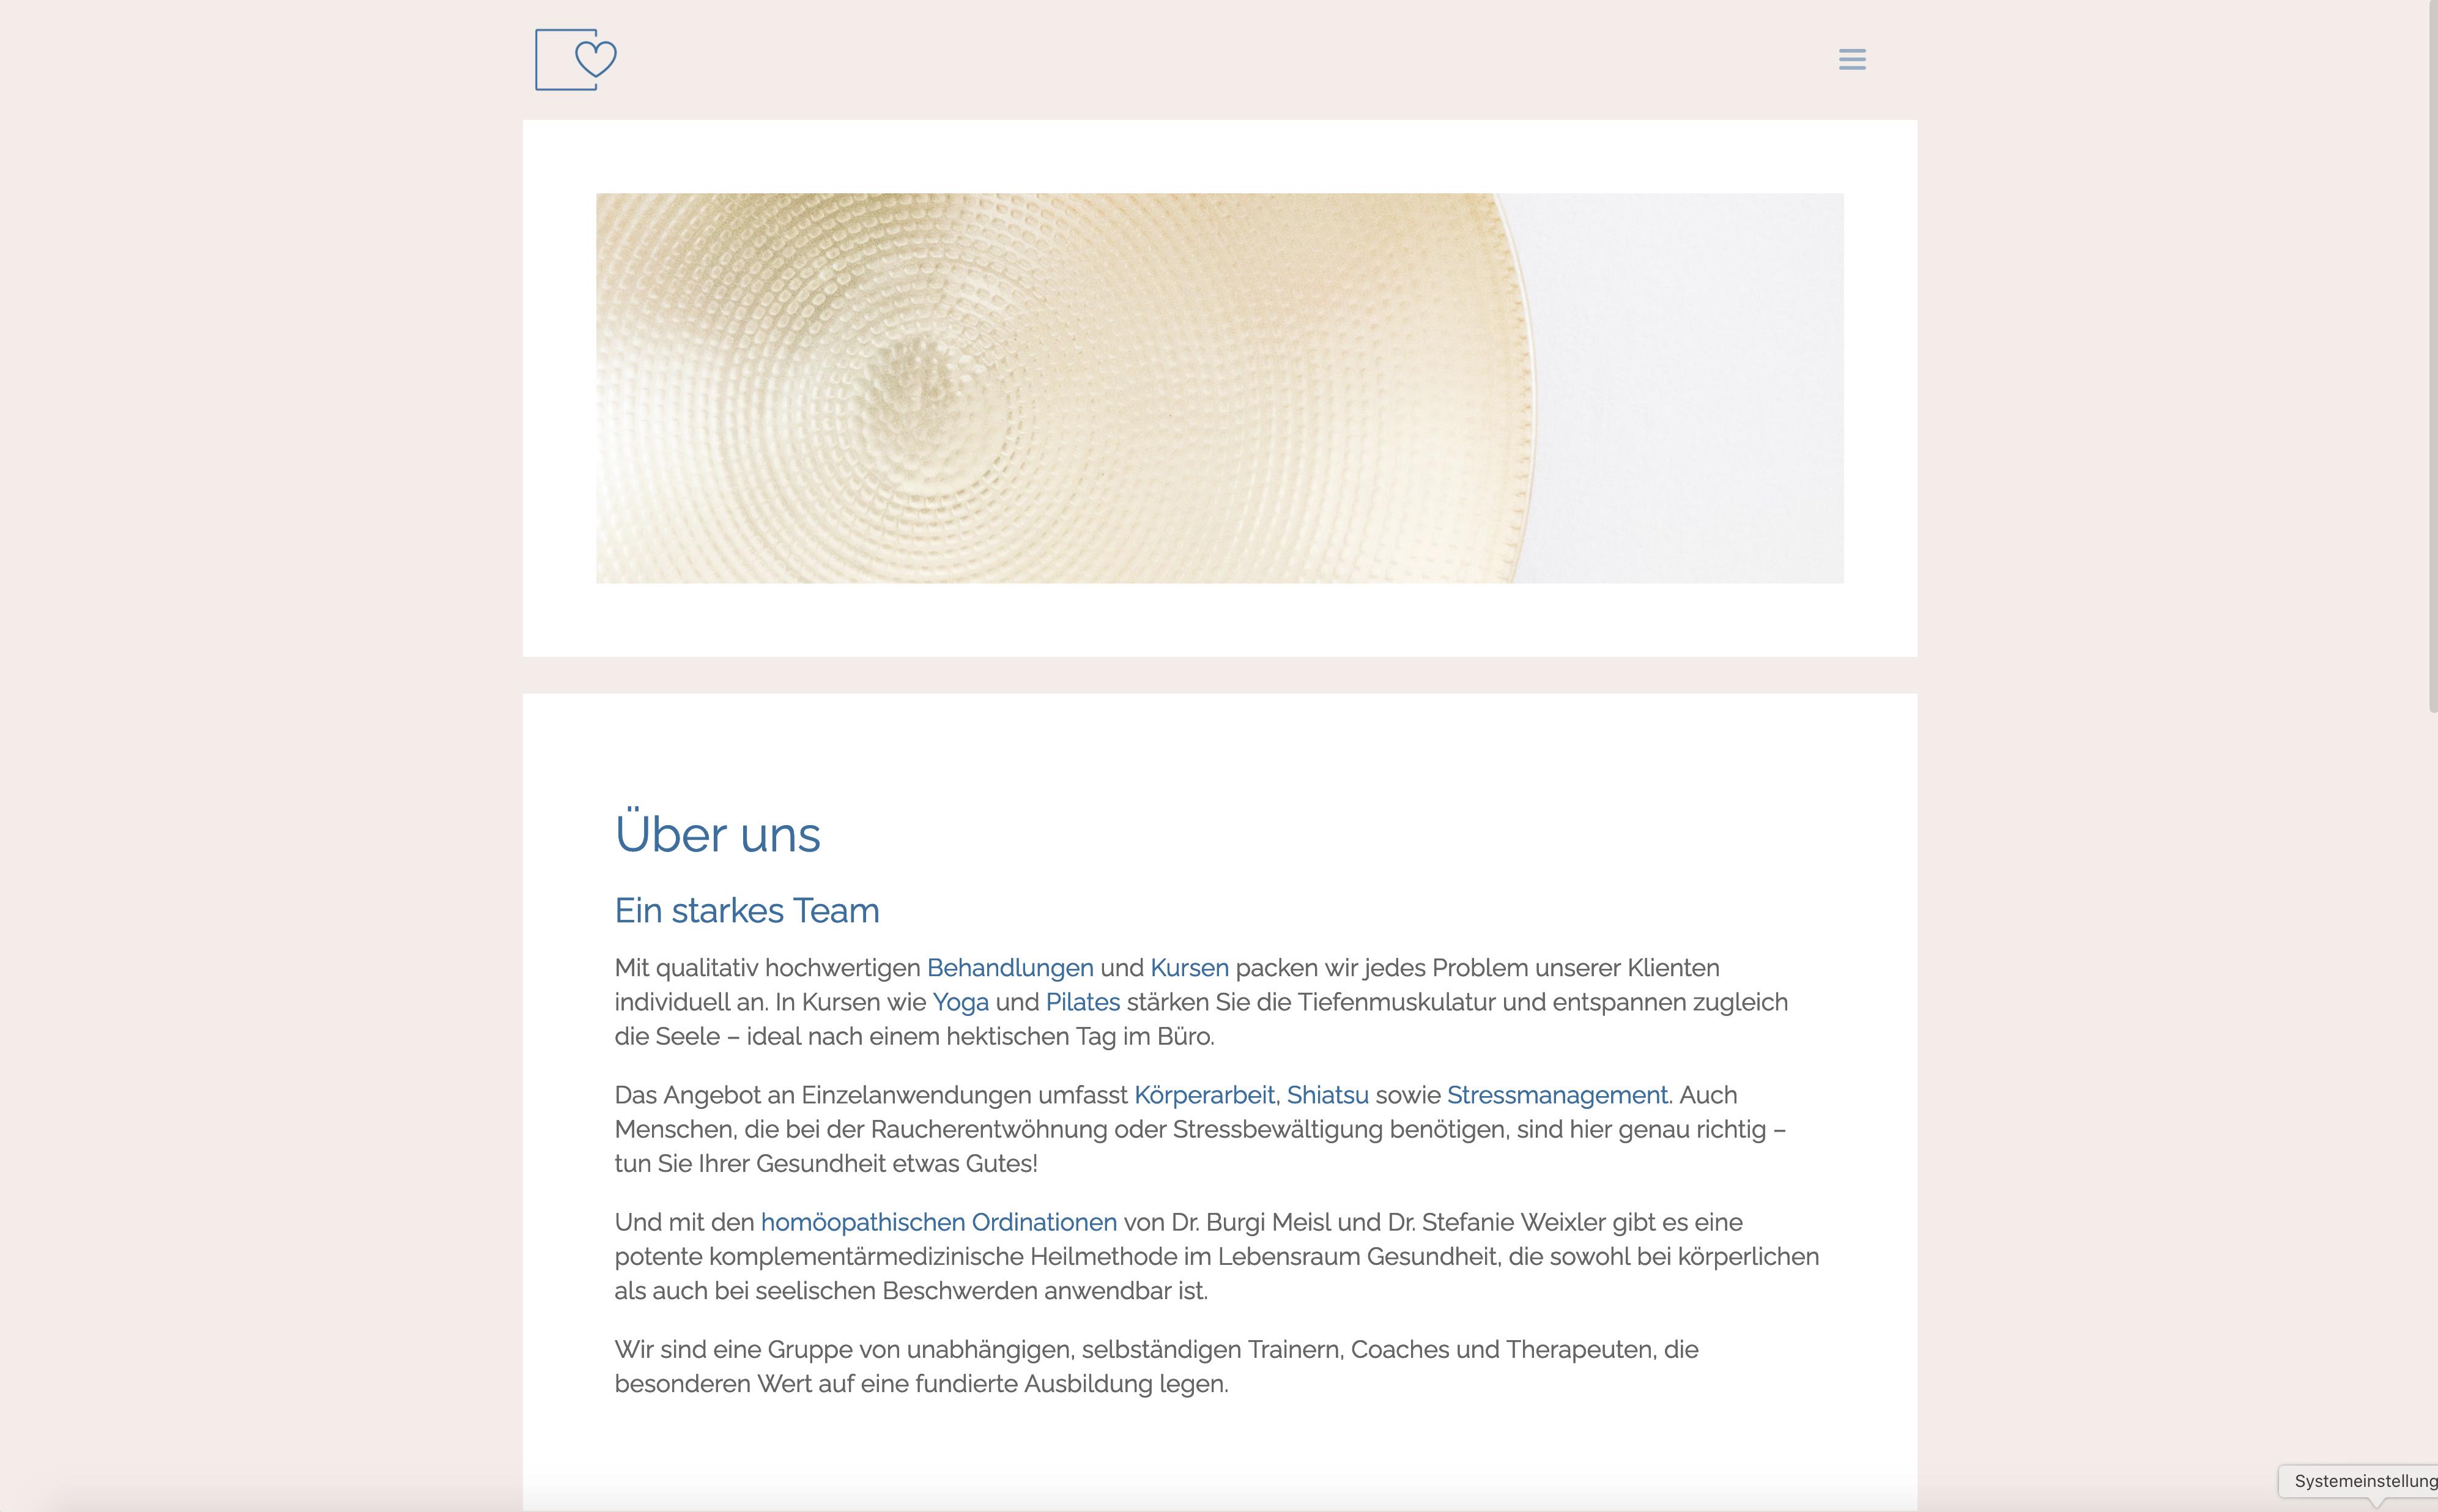 Bildschirmfoto 2020-09-14 um 09.37.51